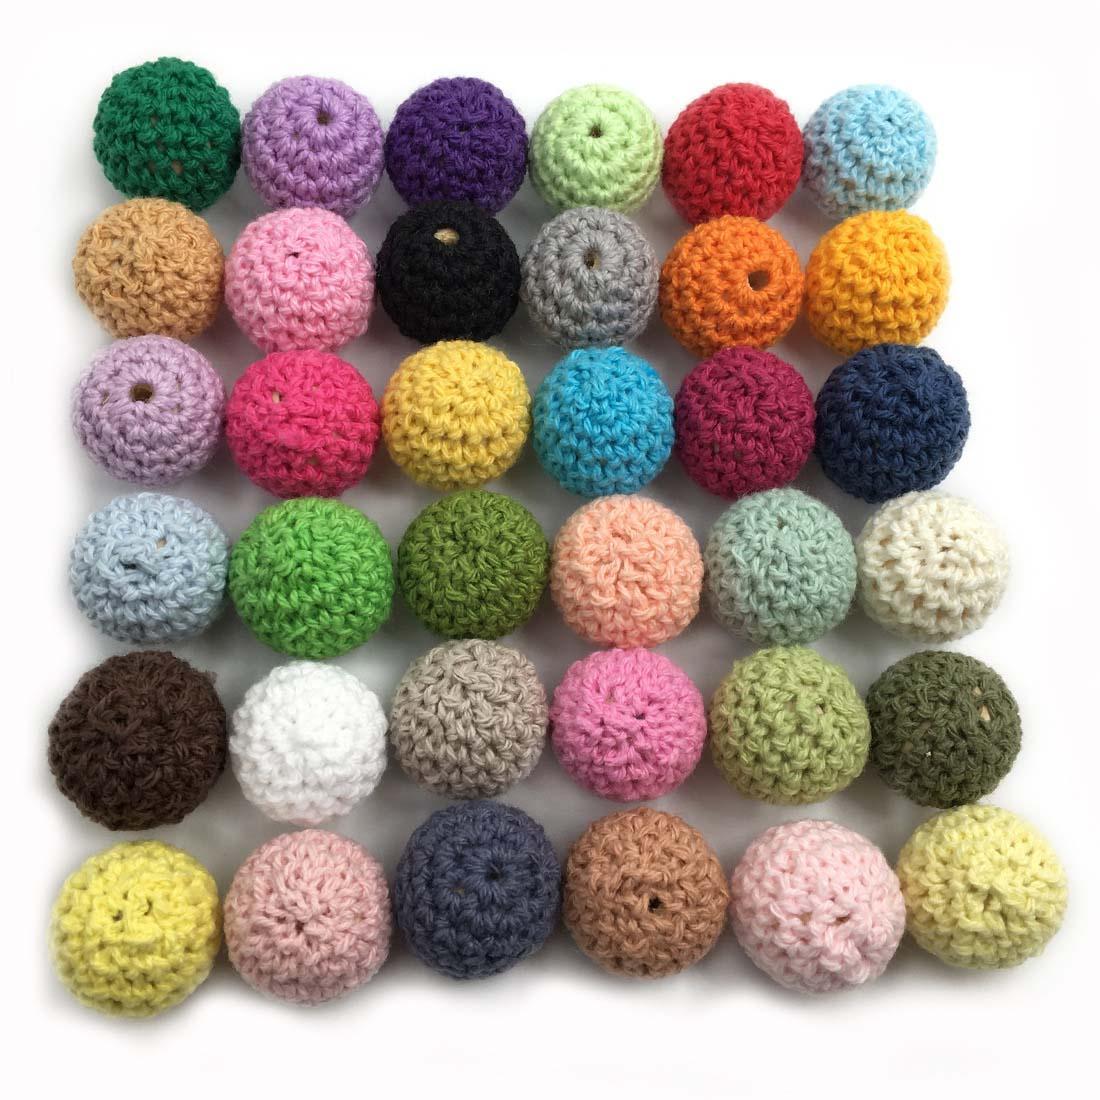 10pcs 16mm Mischungsfarbe Häkeln Perlen Wollgarn für wählen Strick von Baumwollfaden für Schmuckherstellung